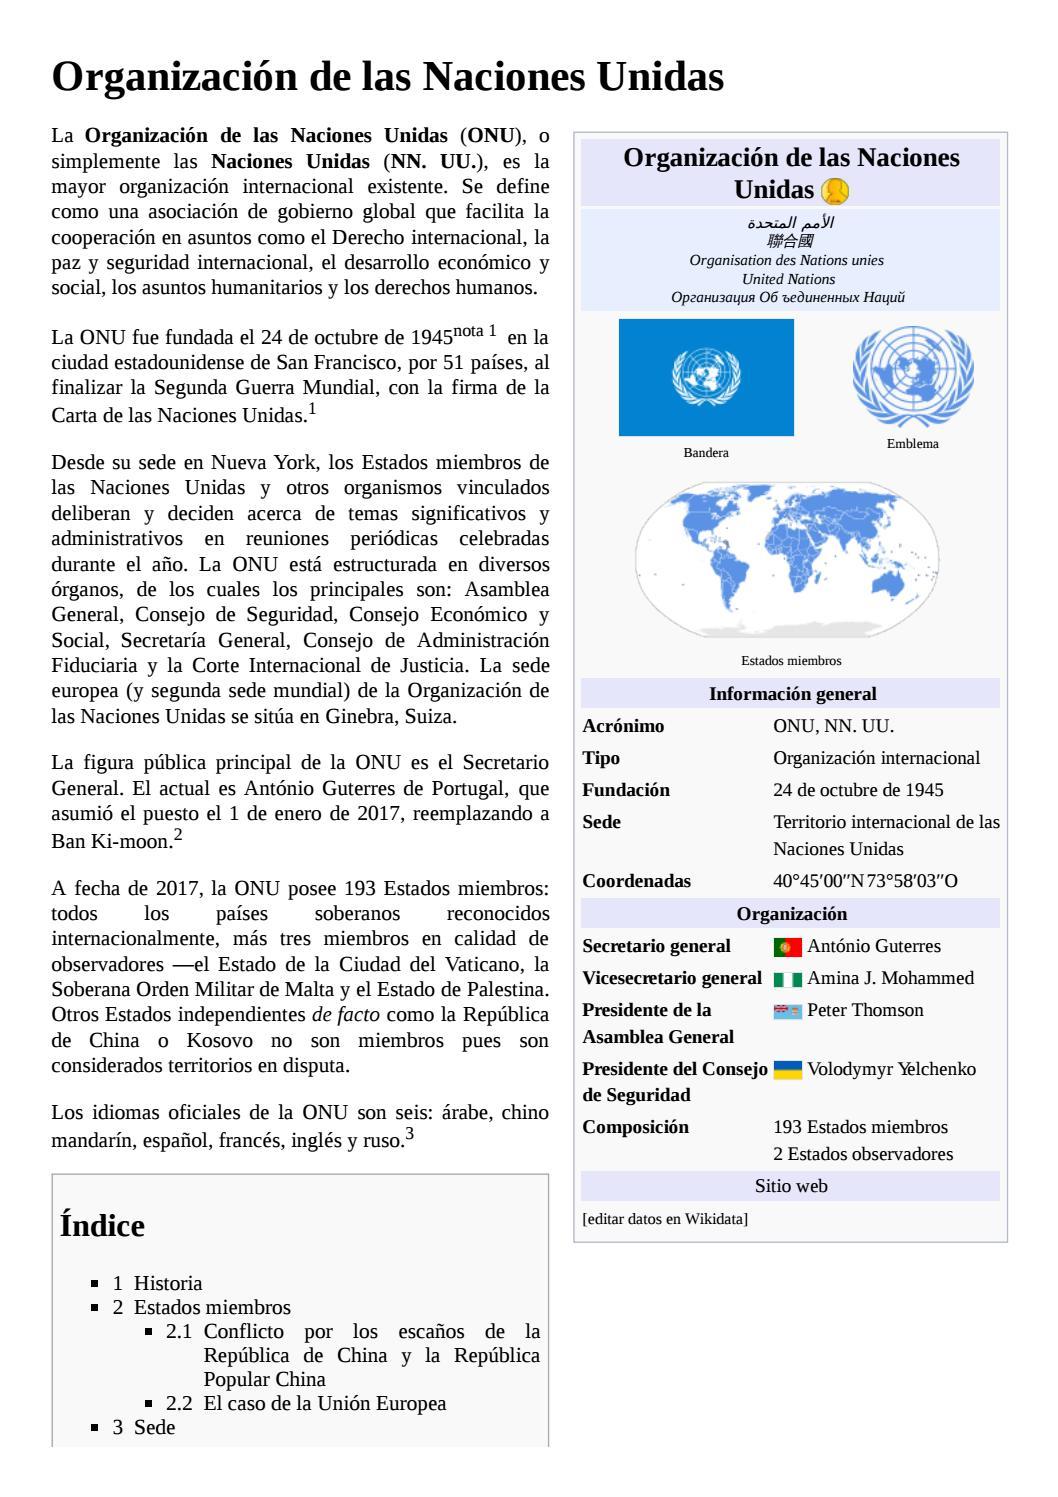 Organización de las naciones unidas by Agustina Haquin - issuu